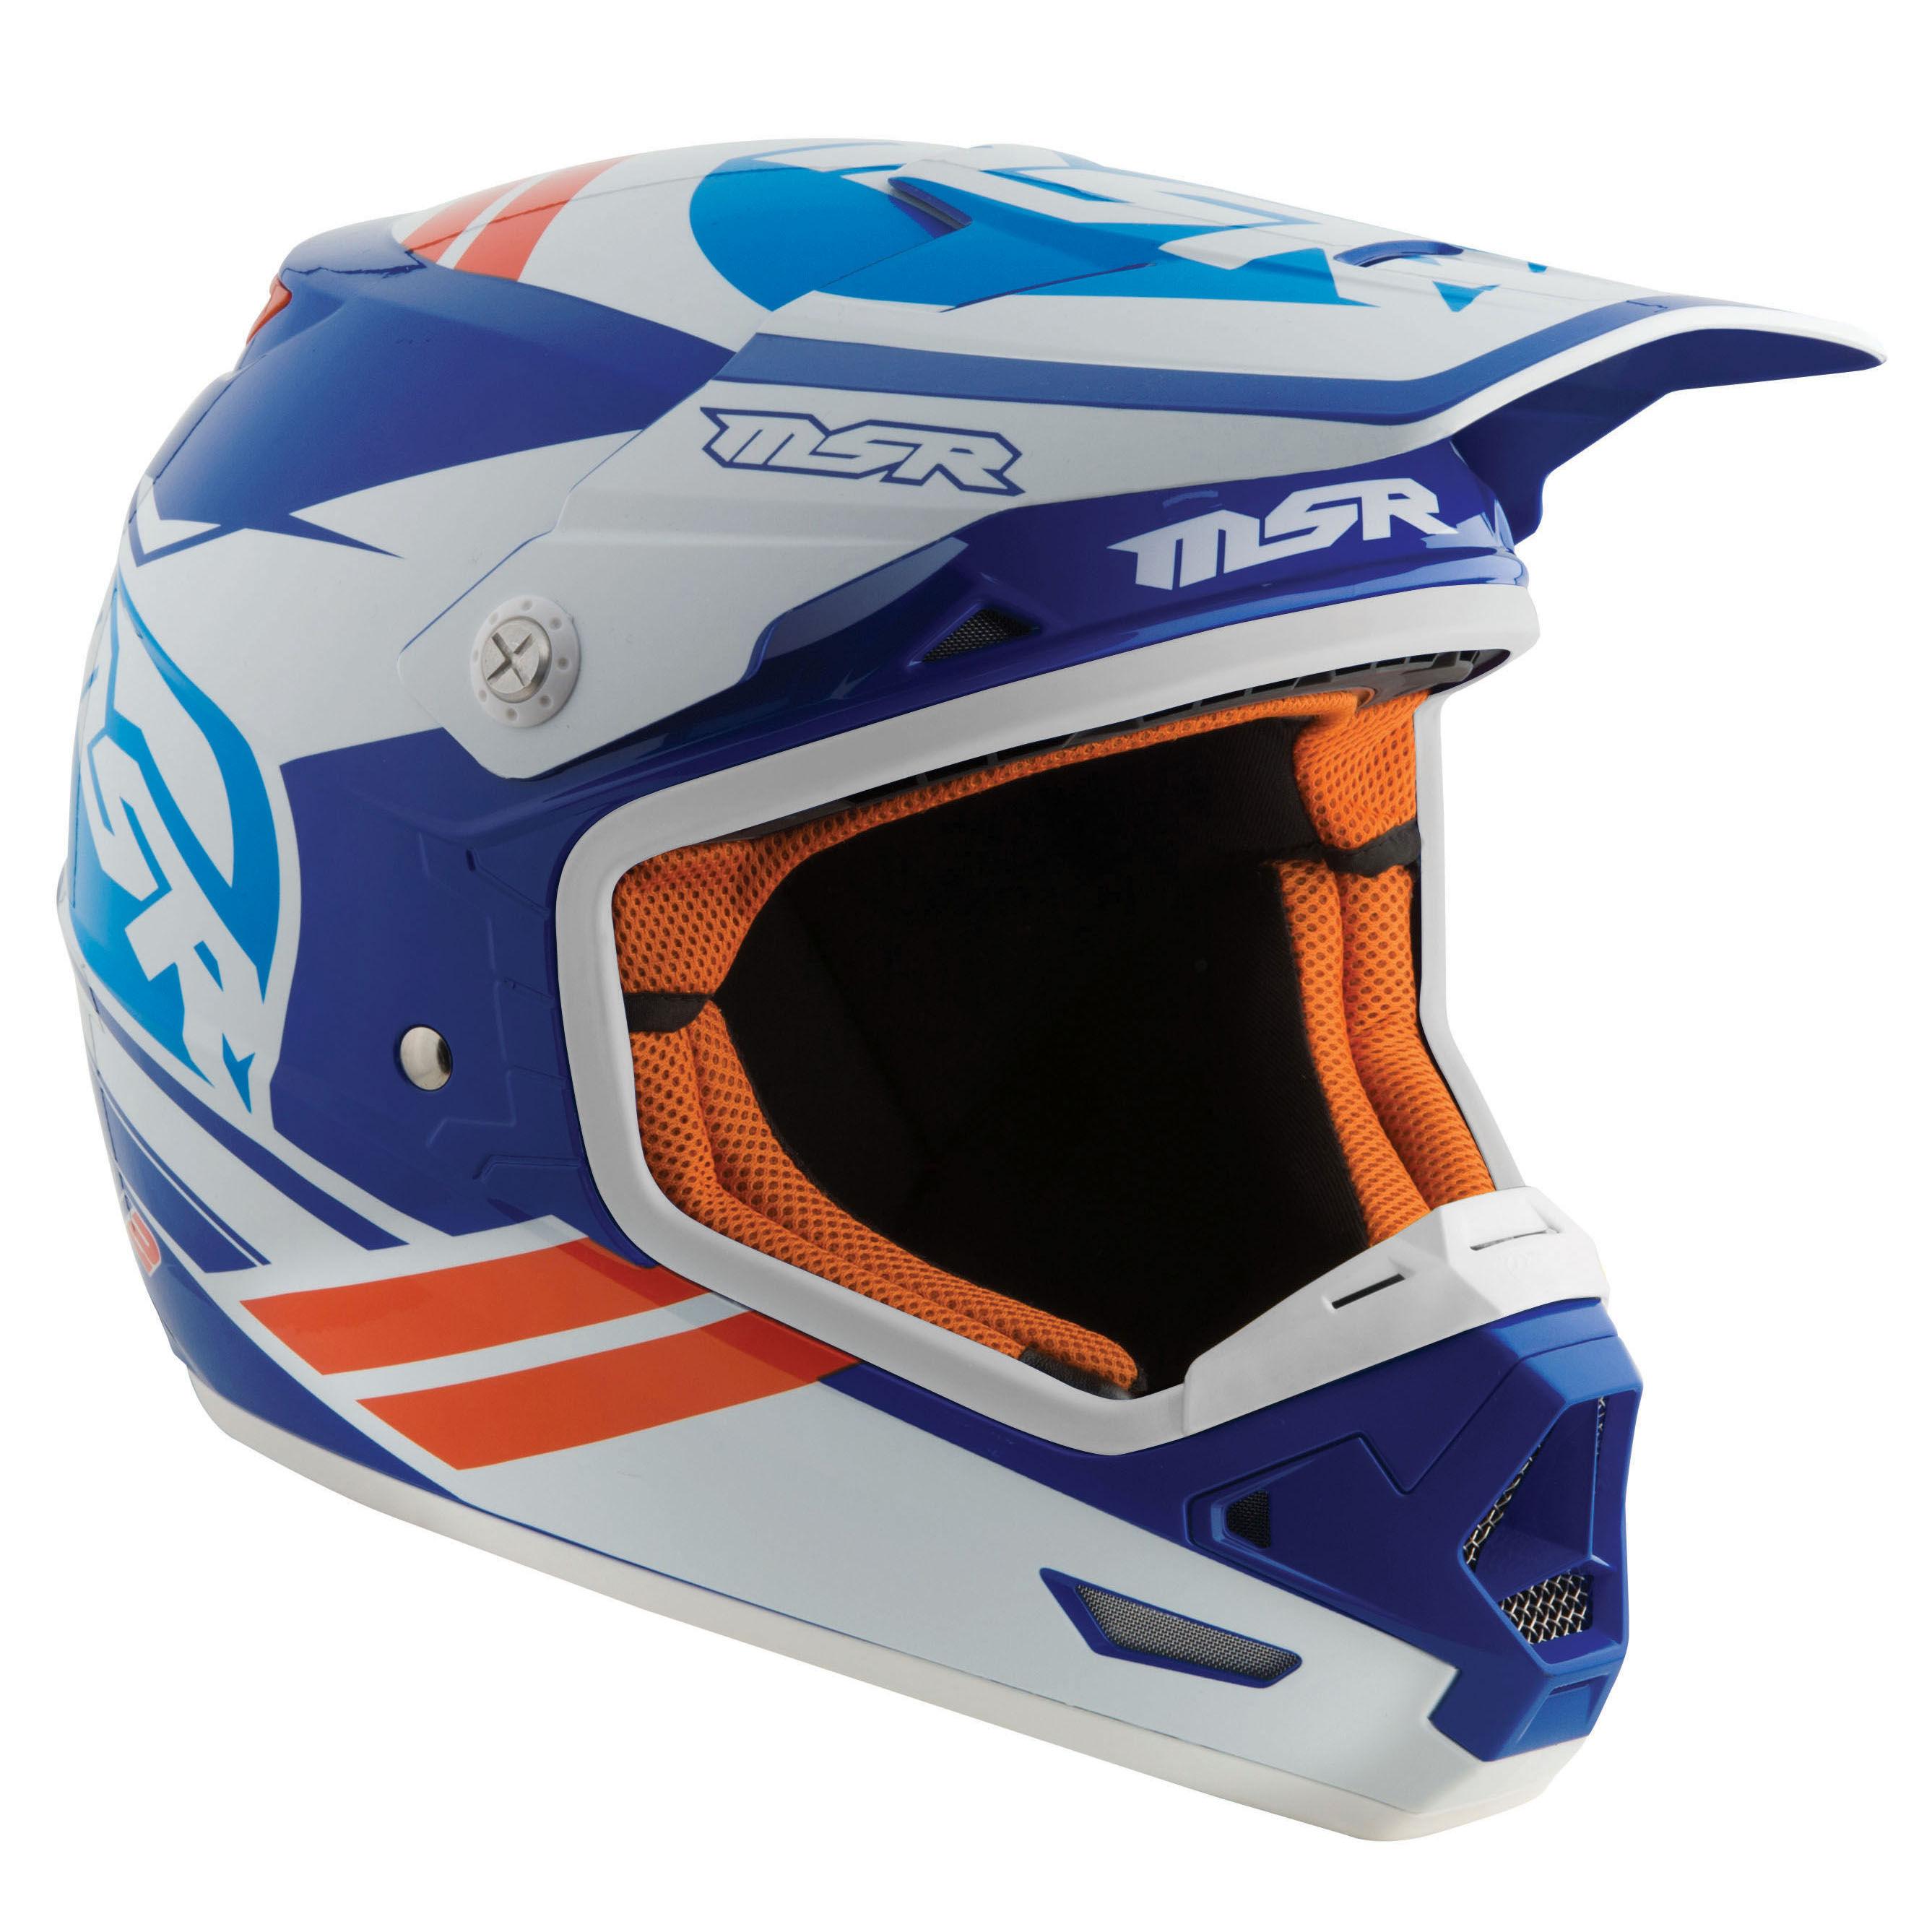 M15 Mav 2 Charger Helmet